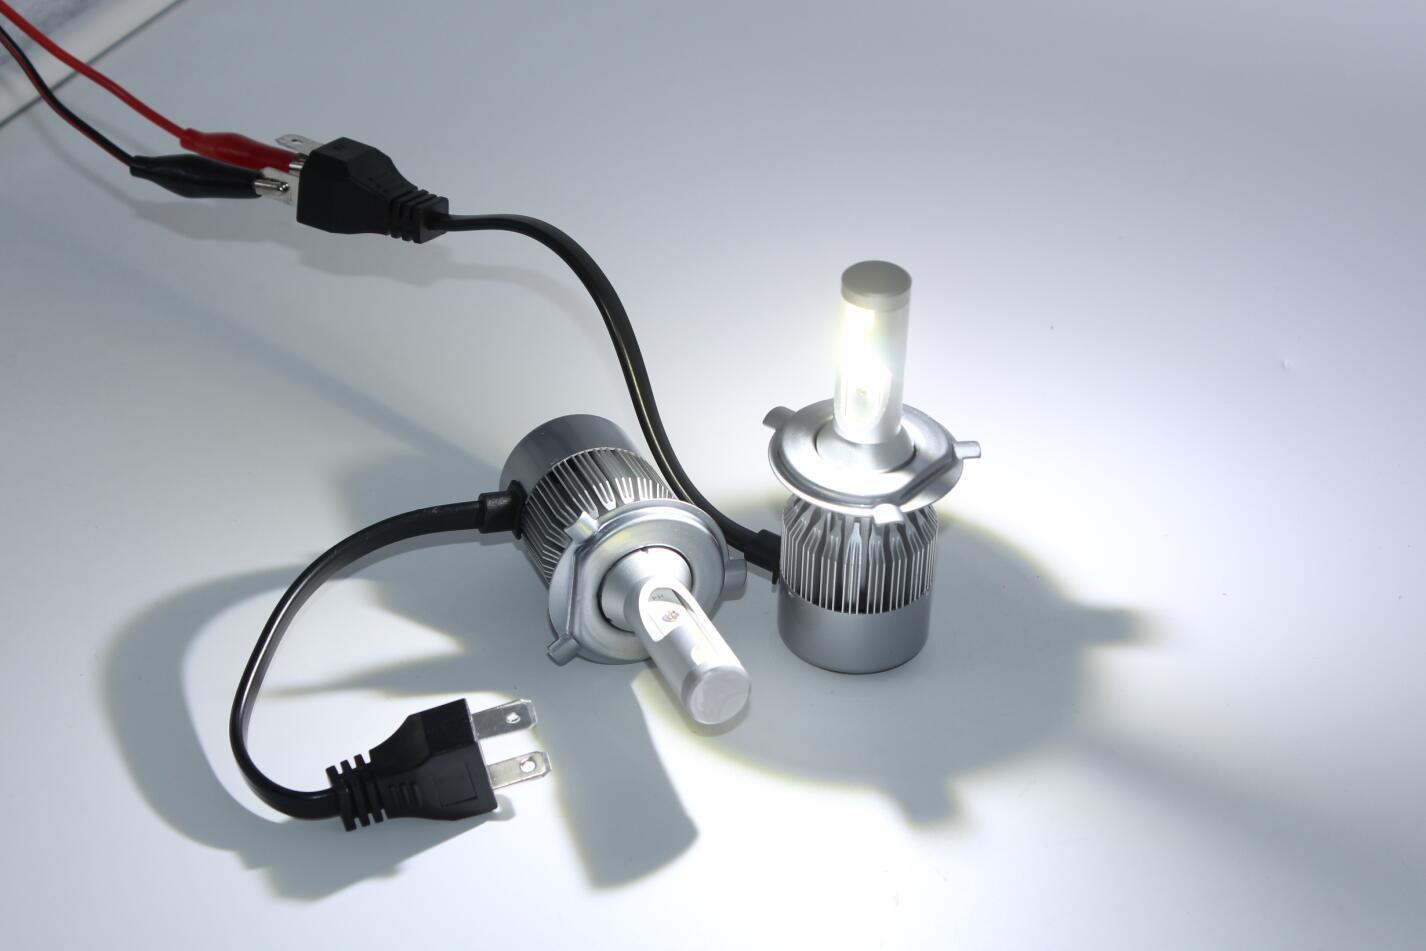 Factory 2017 Latest Super Bright Mini LED Headlight Bulb H7 40W 4800 Lumen H11 LED Headlight H4 LED